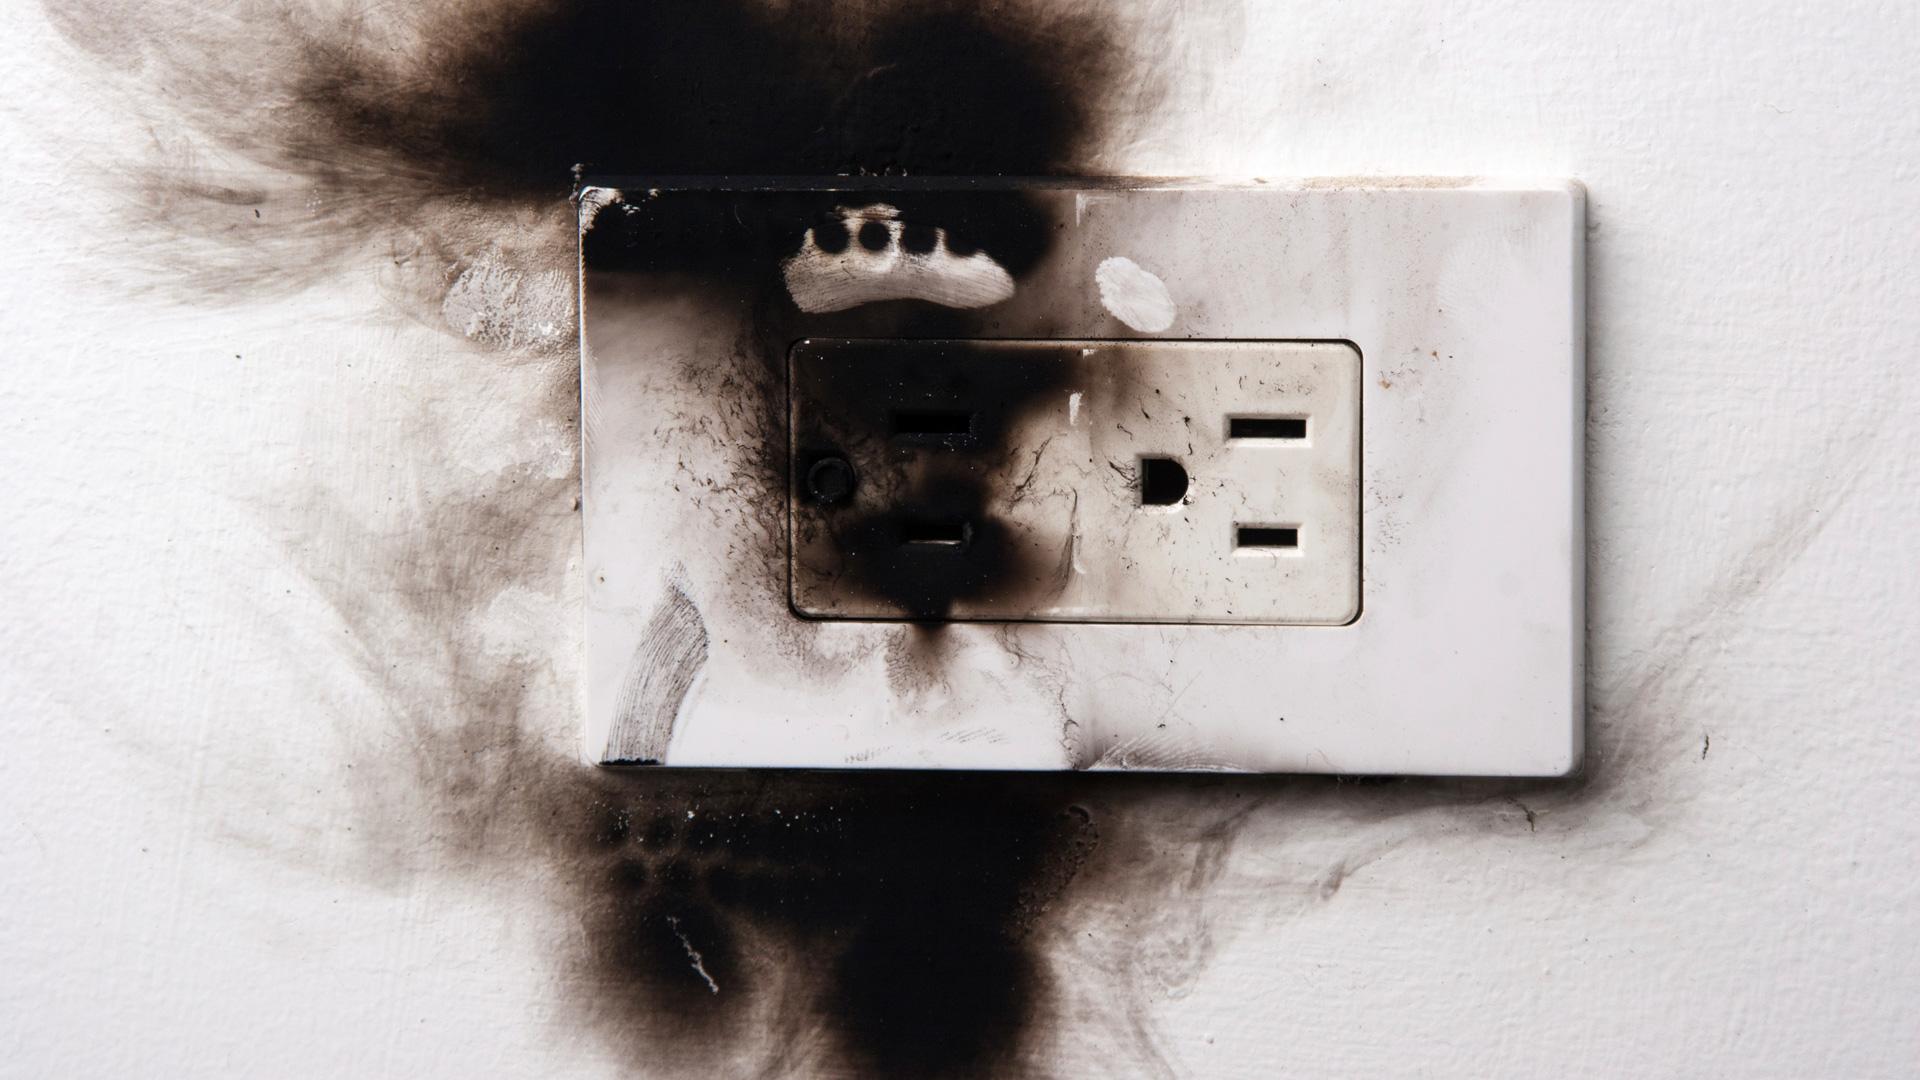 6 sai lầm khi dùng đồ điện có thể khiến bạn trả giá bằng cả tính mạng - Ảnh 5.